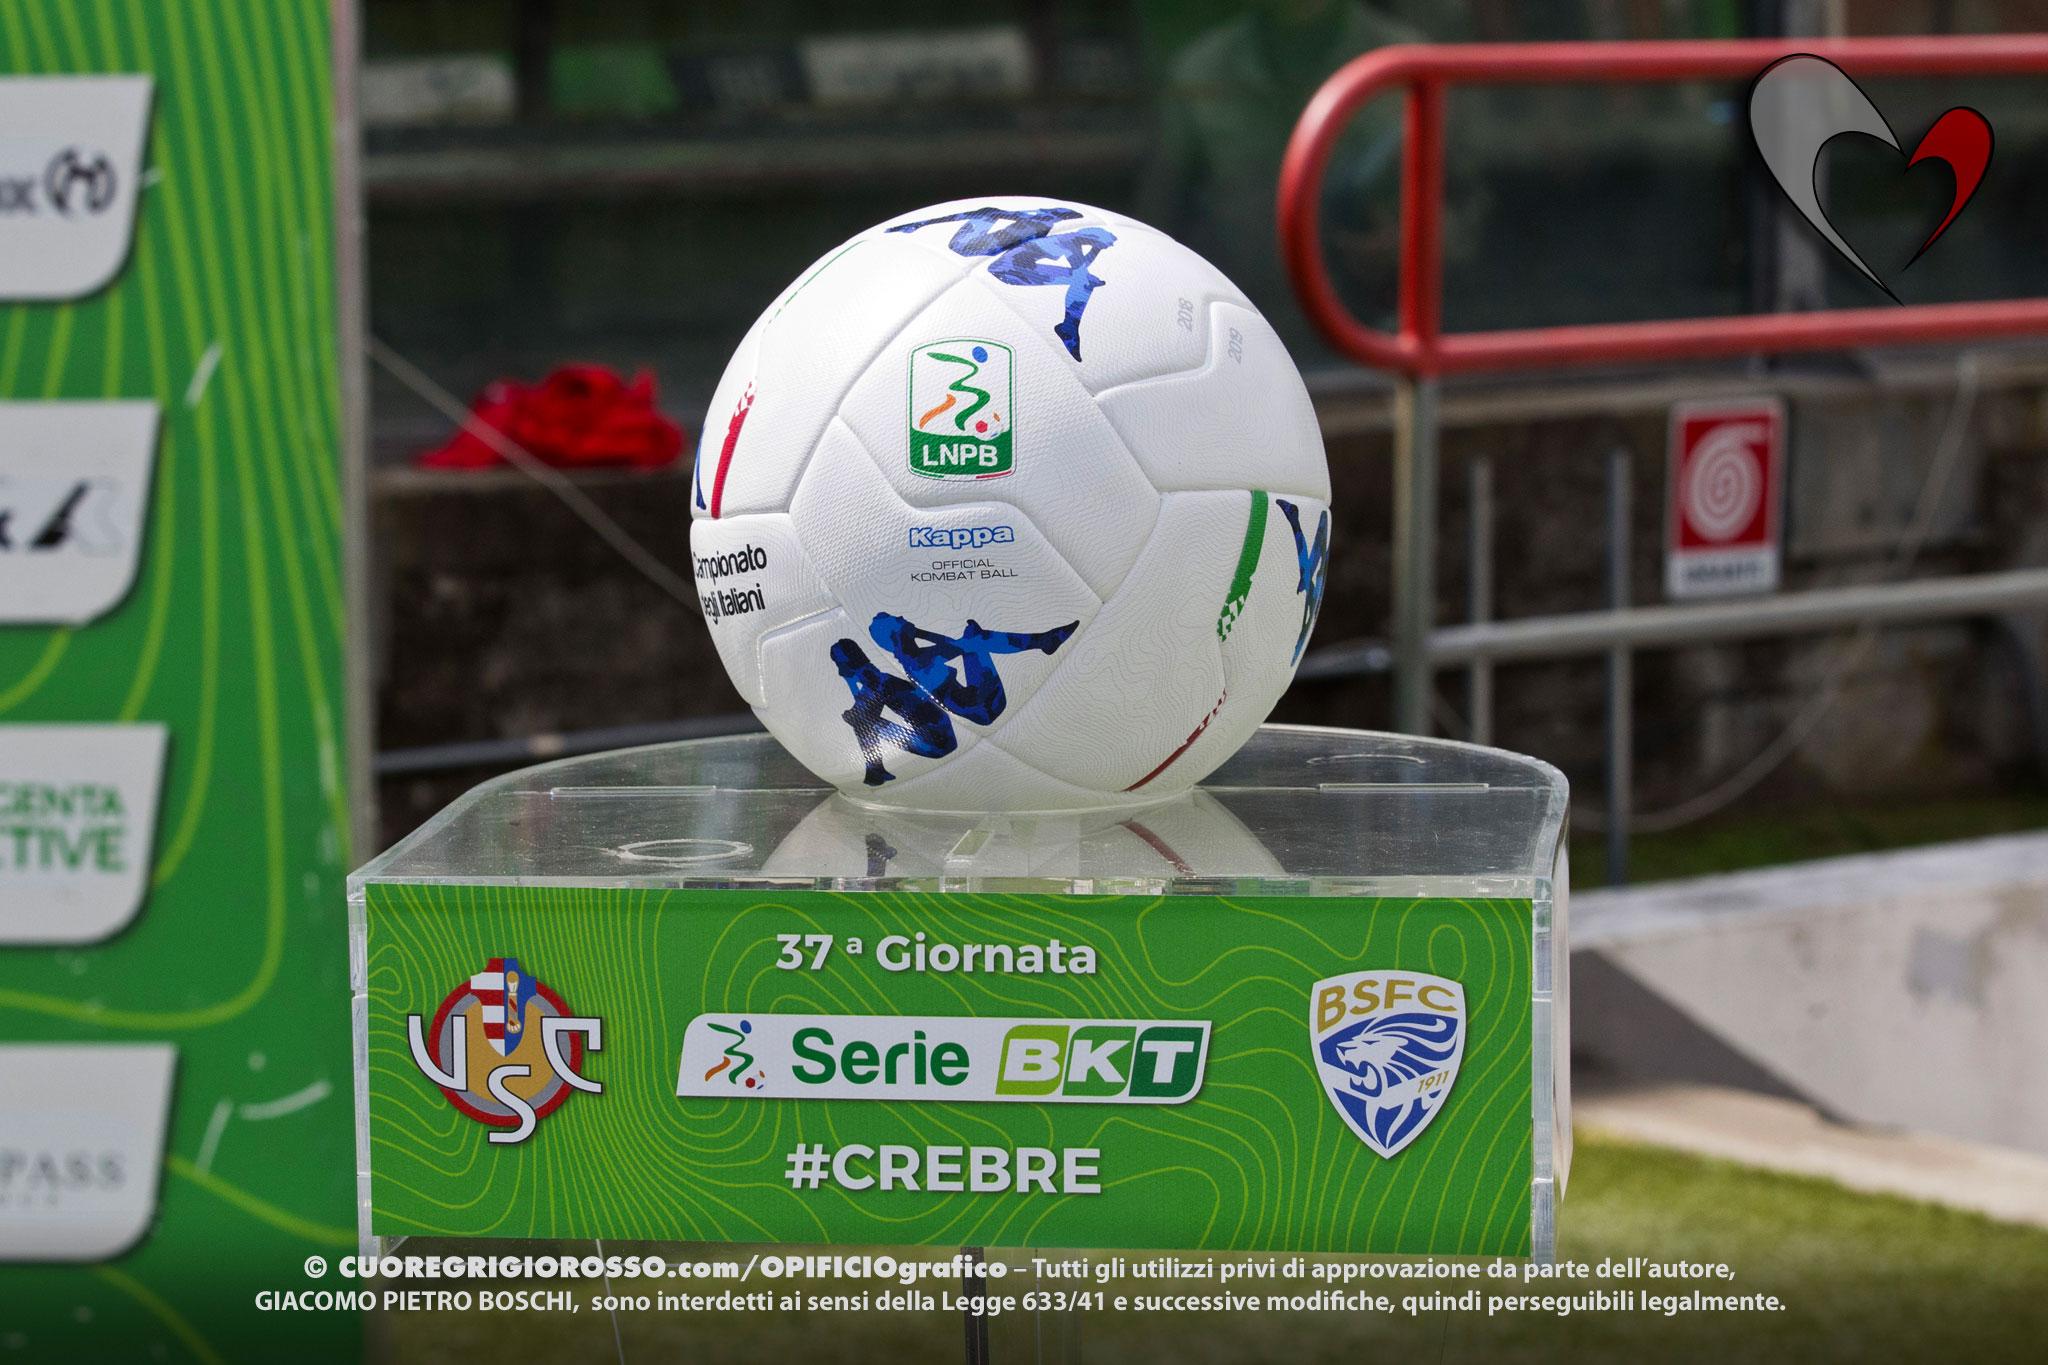 Serie B, gli altri risultati: volano Salernitana e Spezia